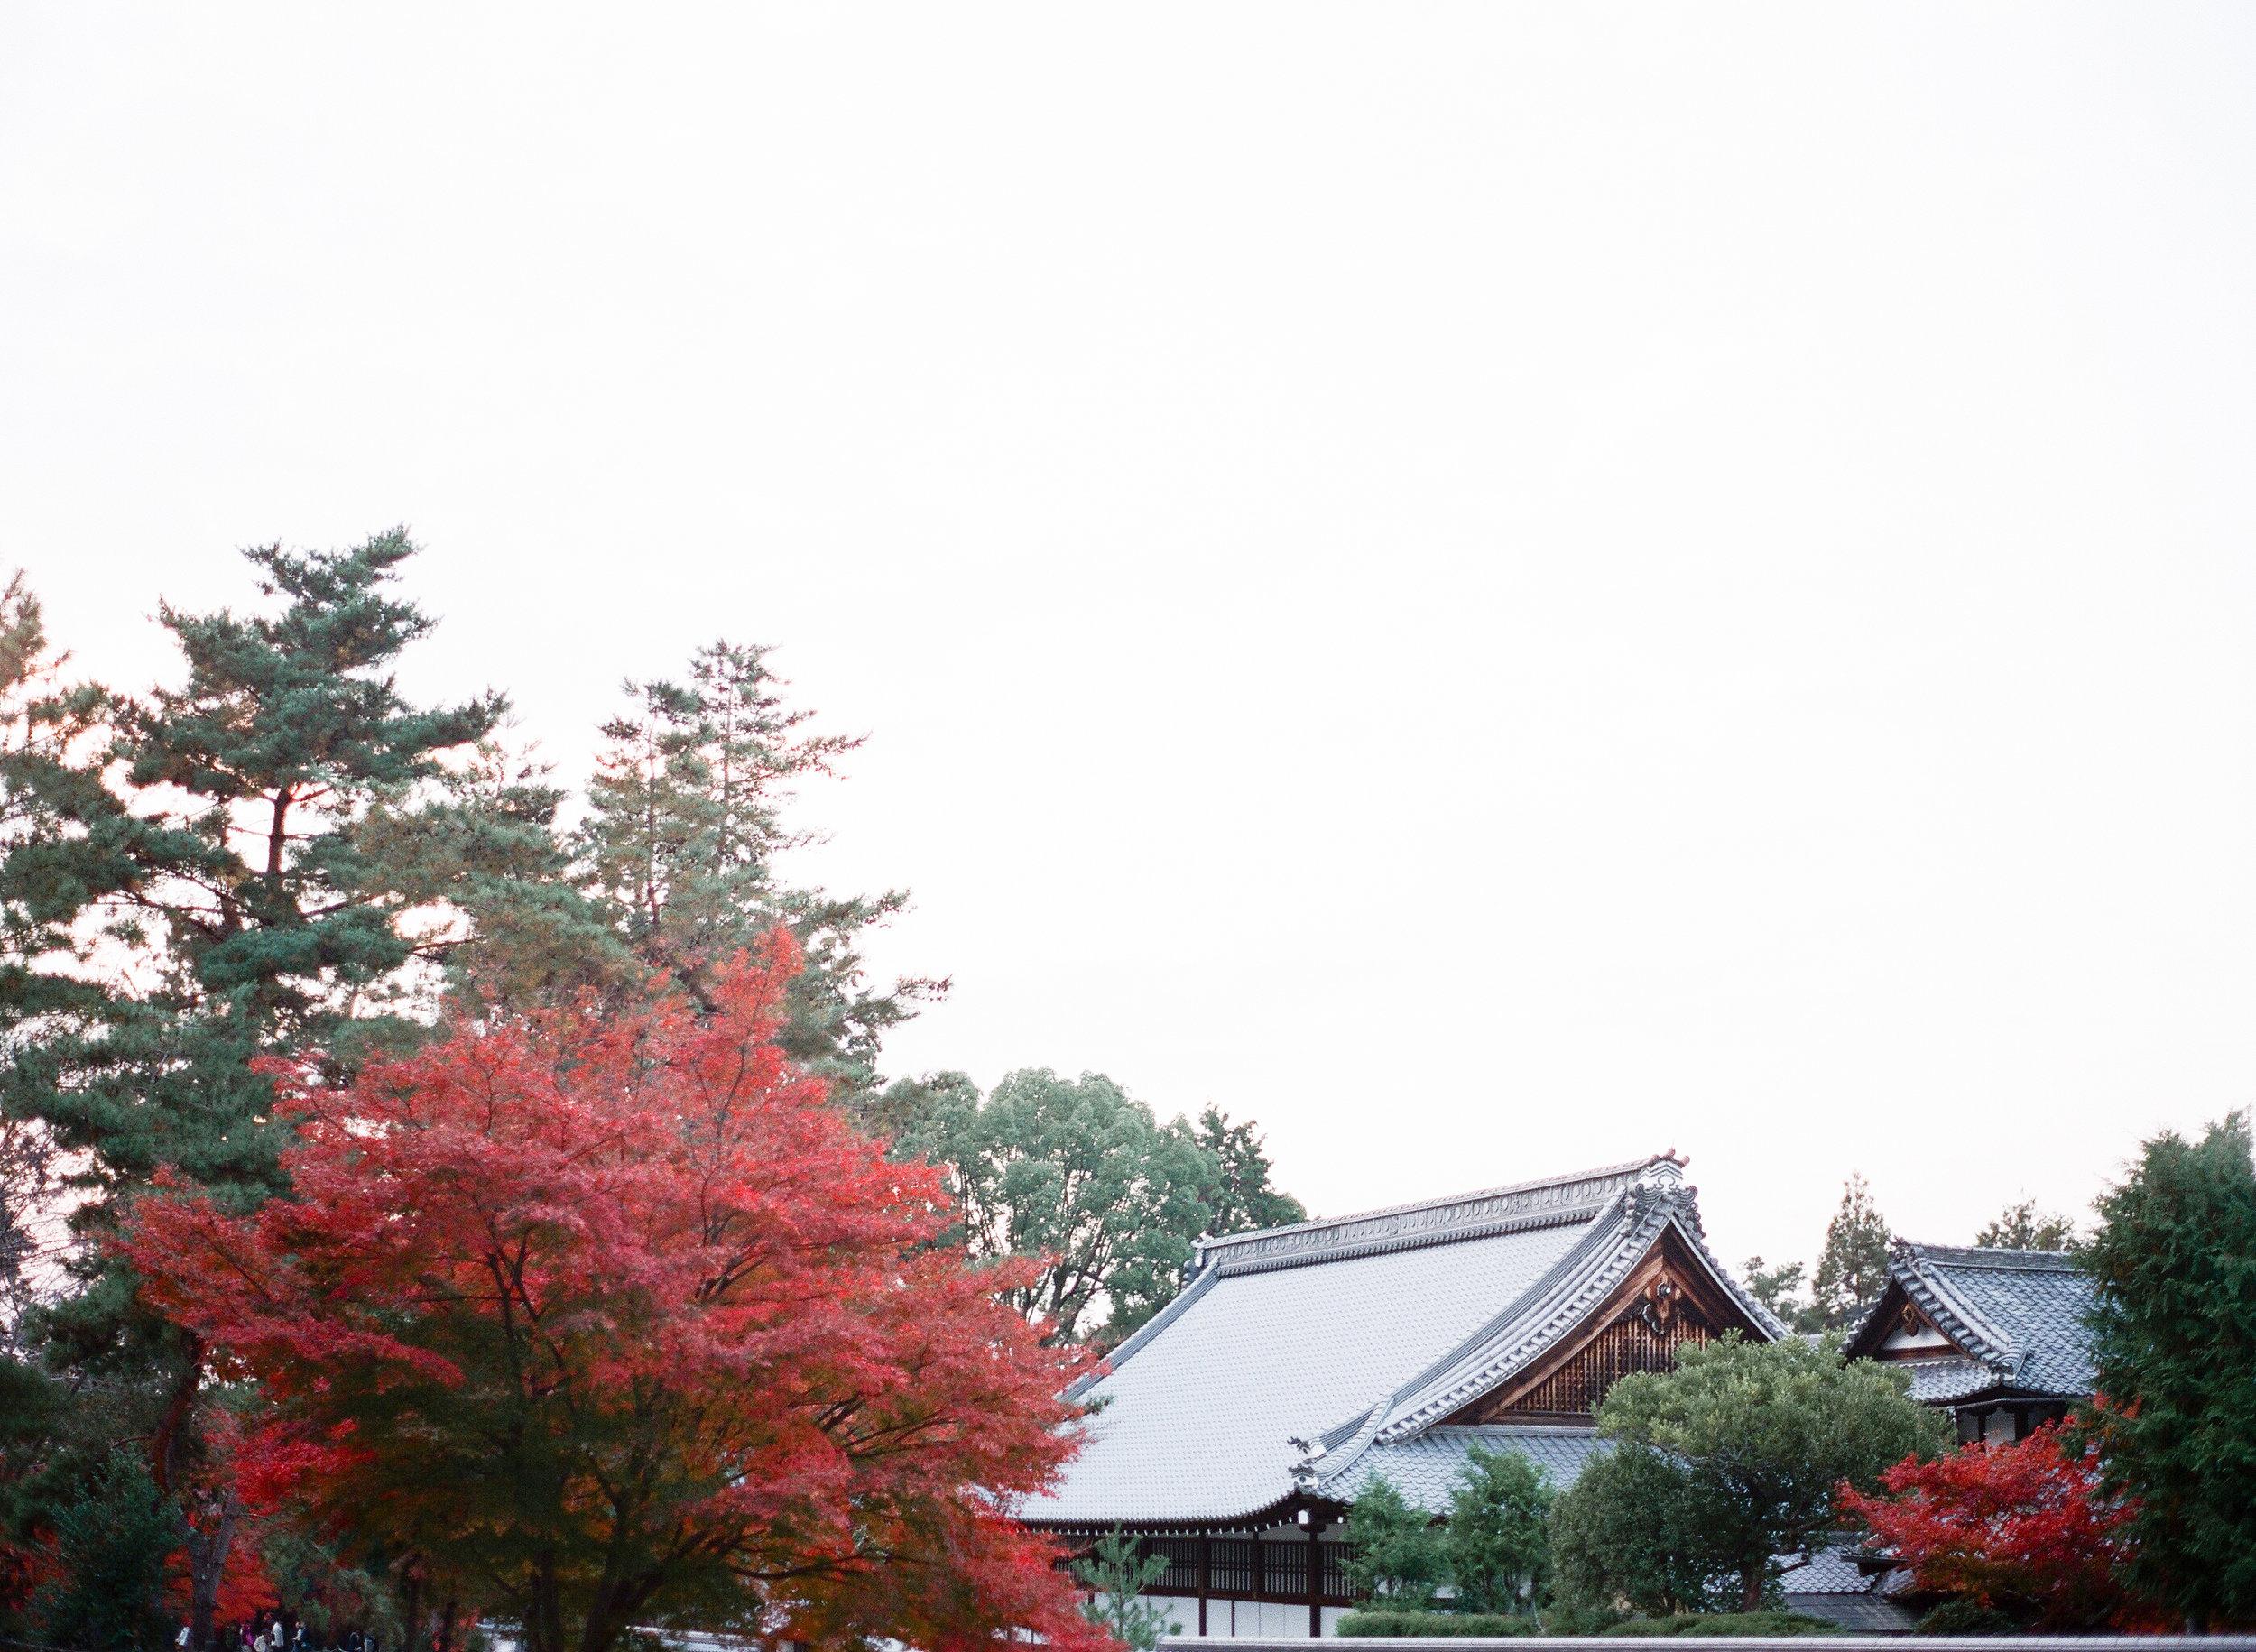 Nanzenji in Kyoto. November 2018